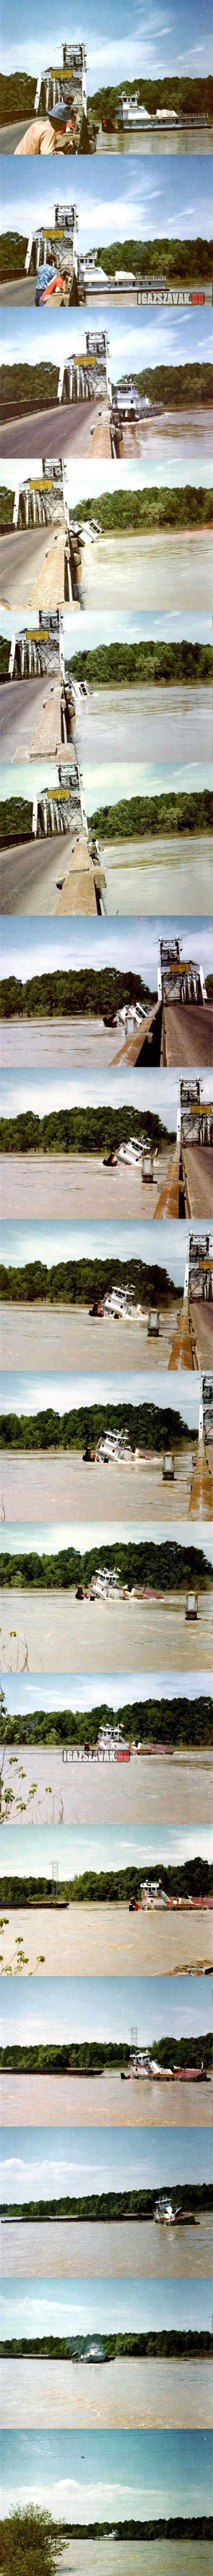 Eszméletlen, hajó és híd találkozása